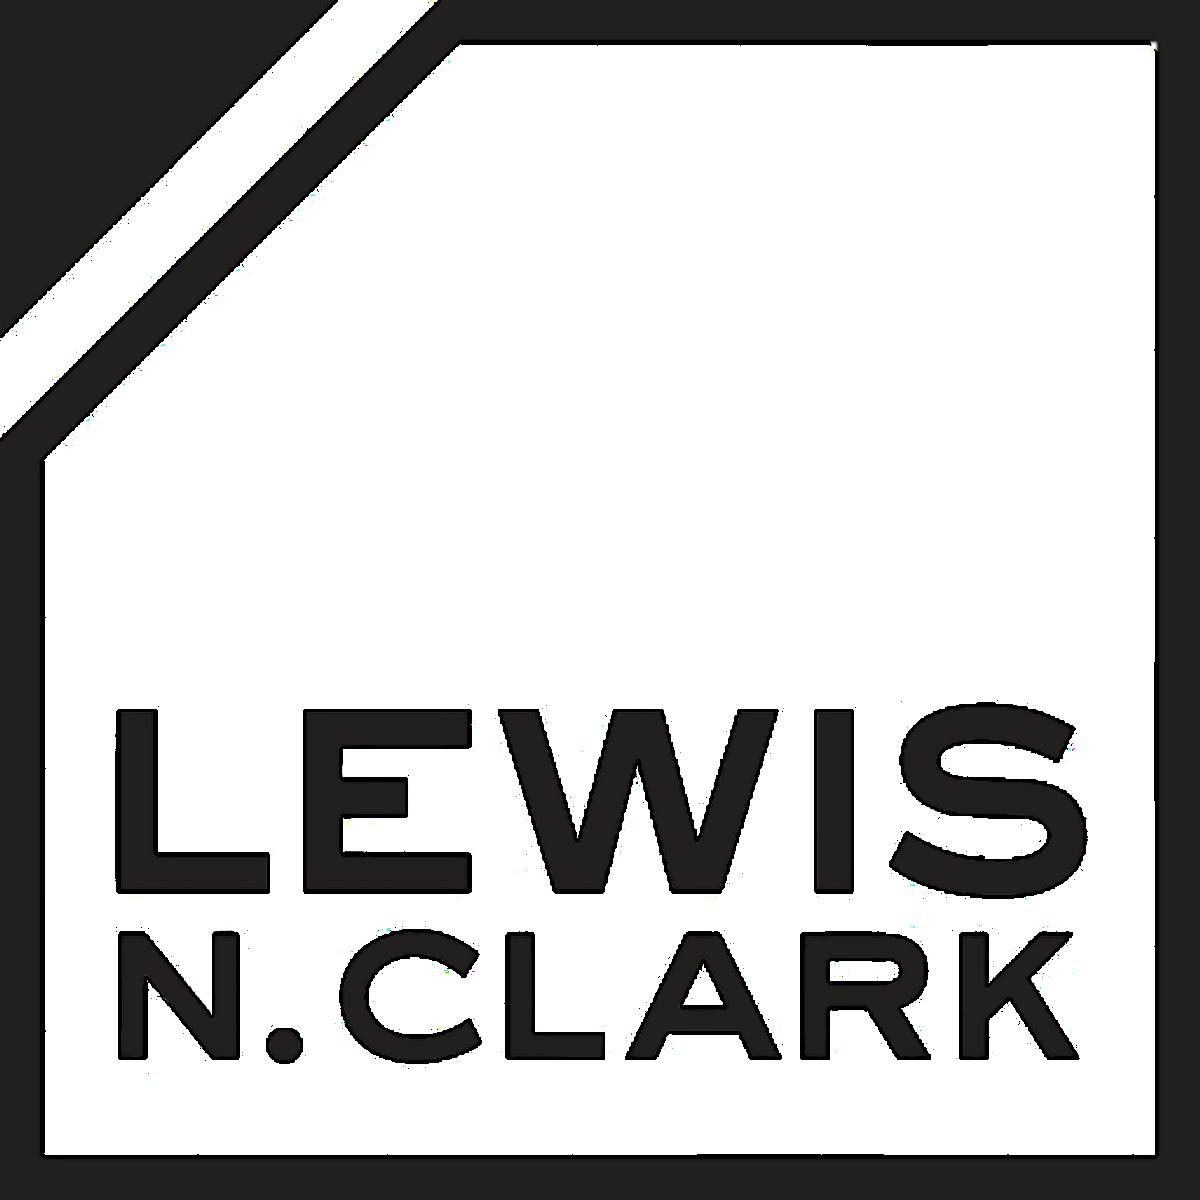 LEWIS N. CLARK